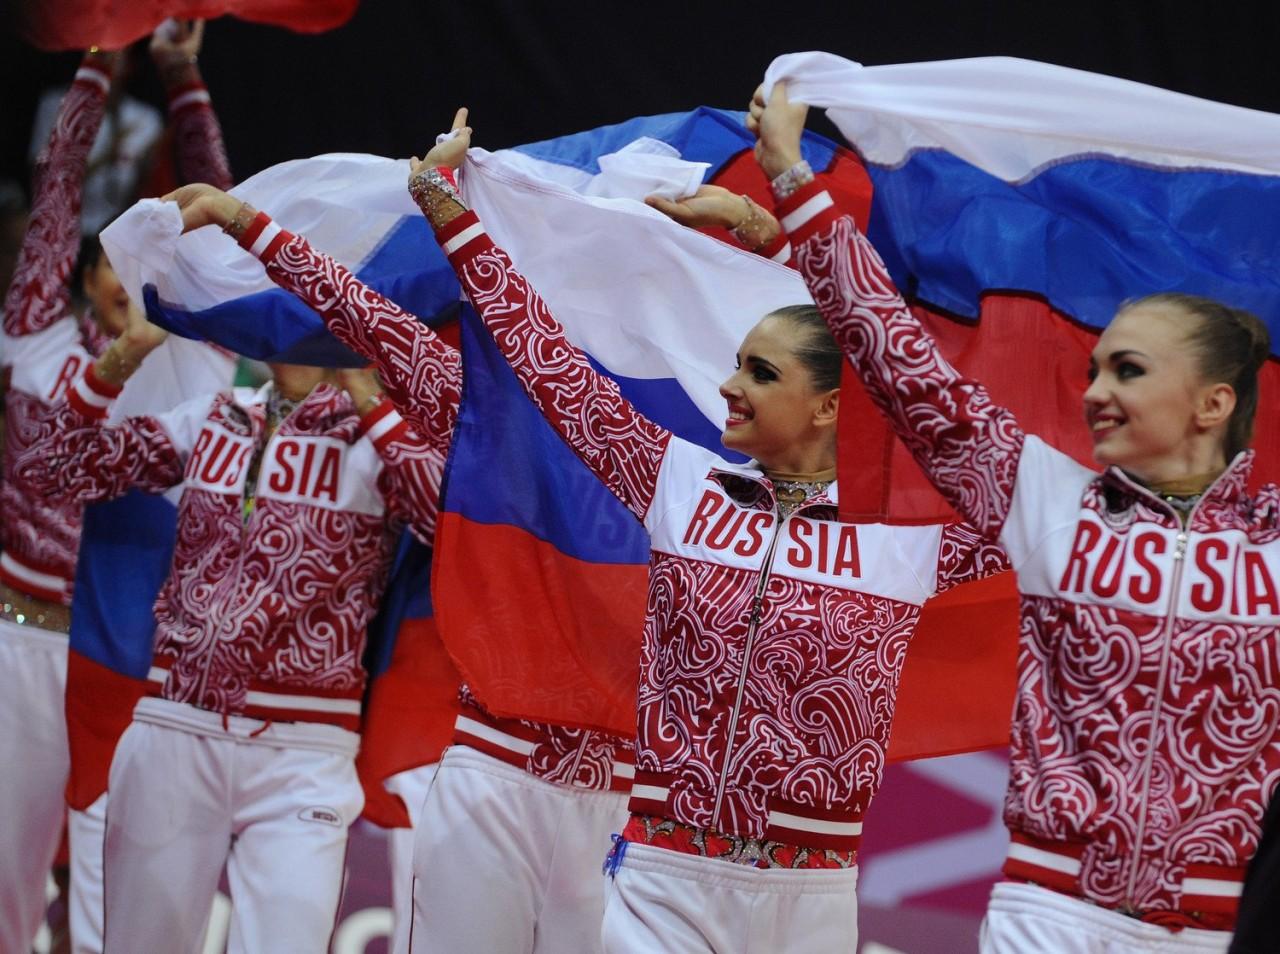 Спортсменам позволили носить одежду с символикой России с одним условием